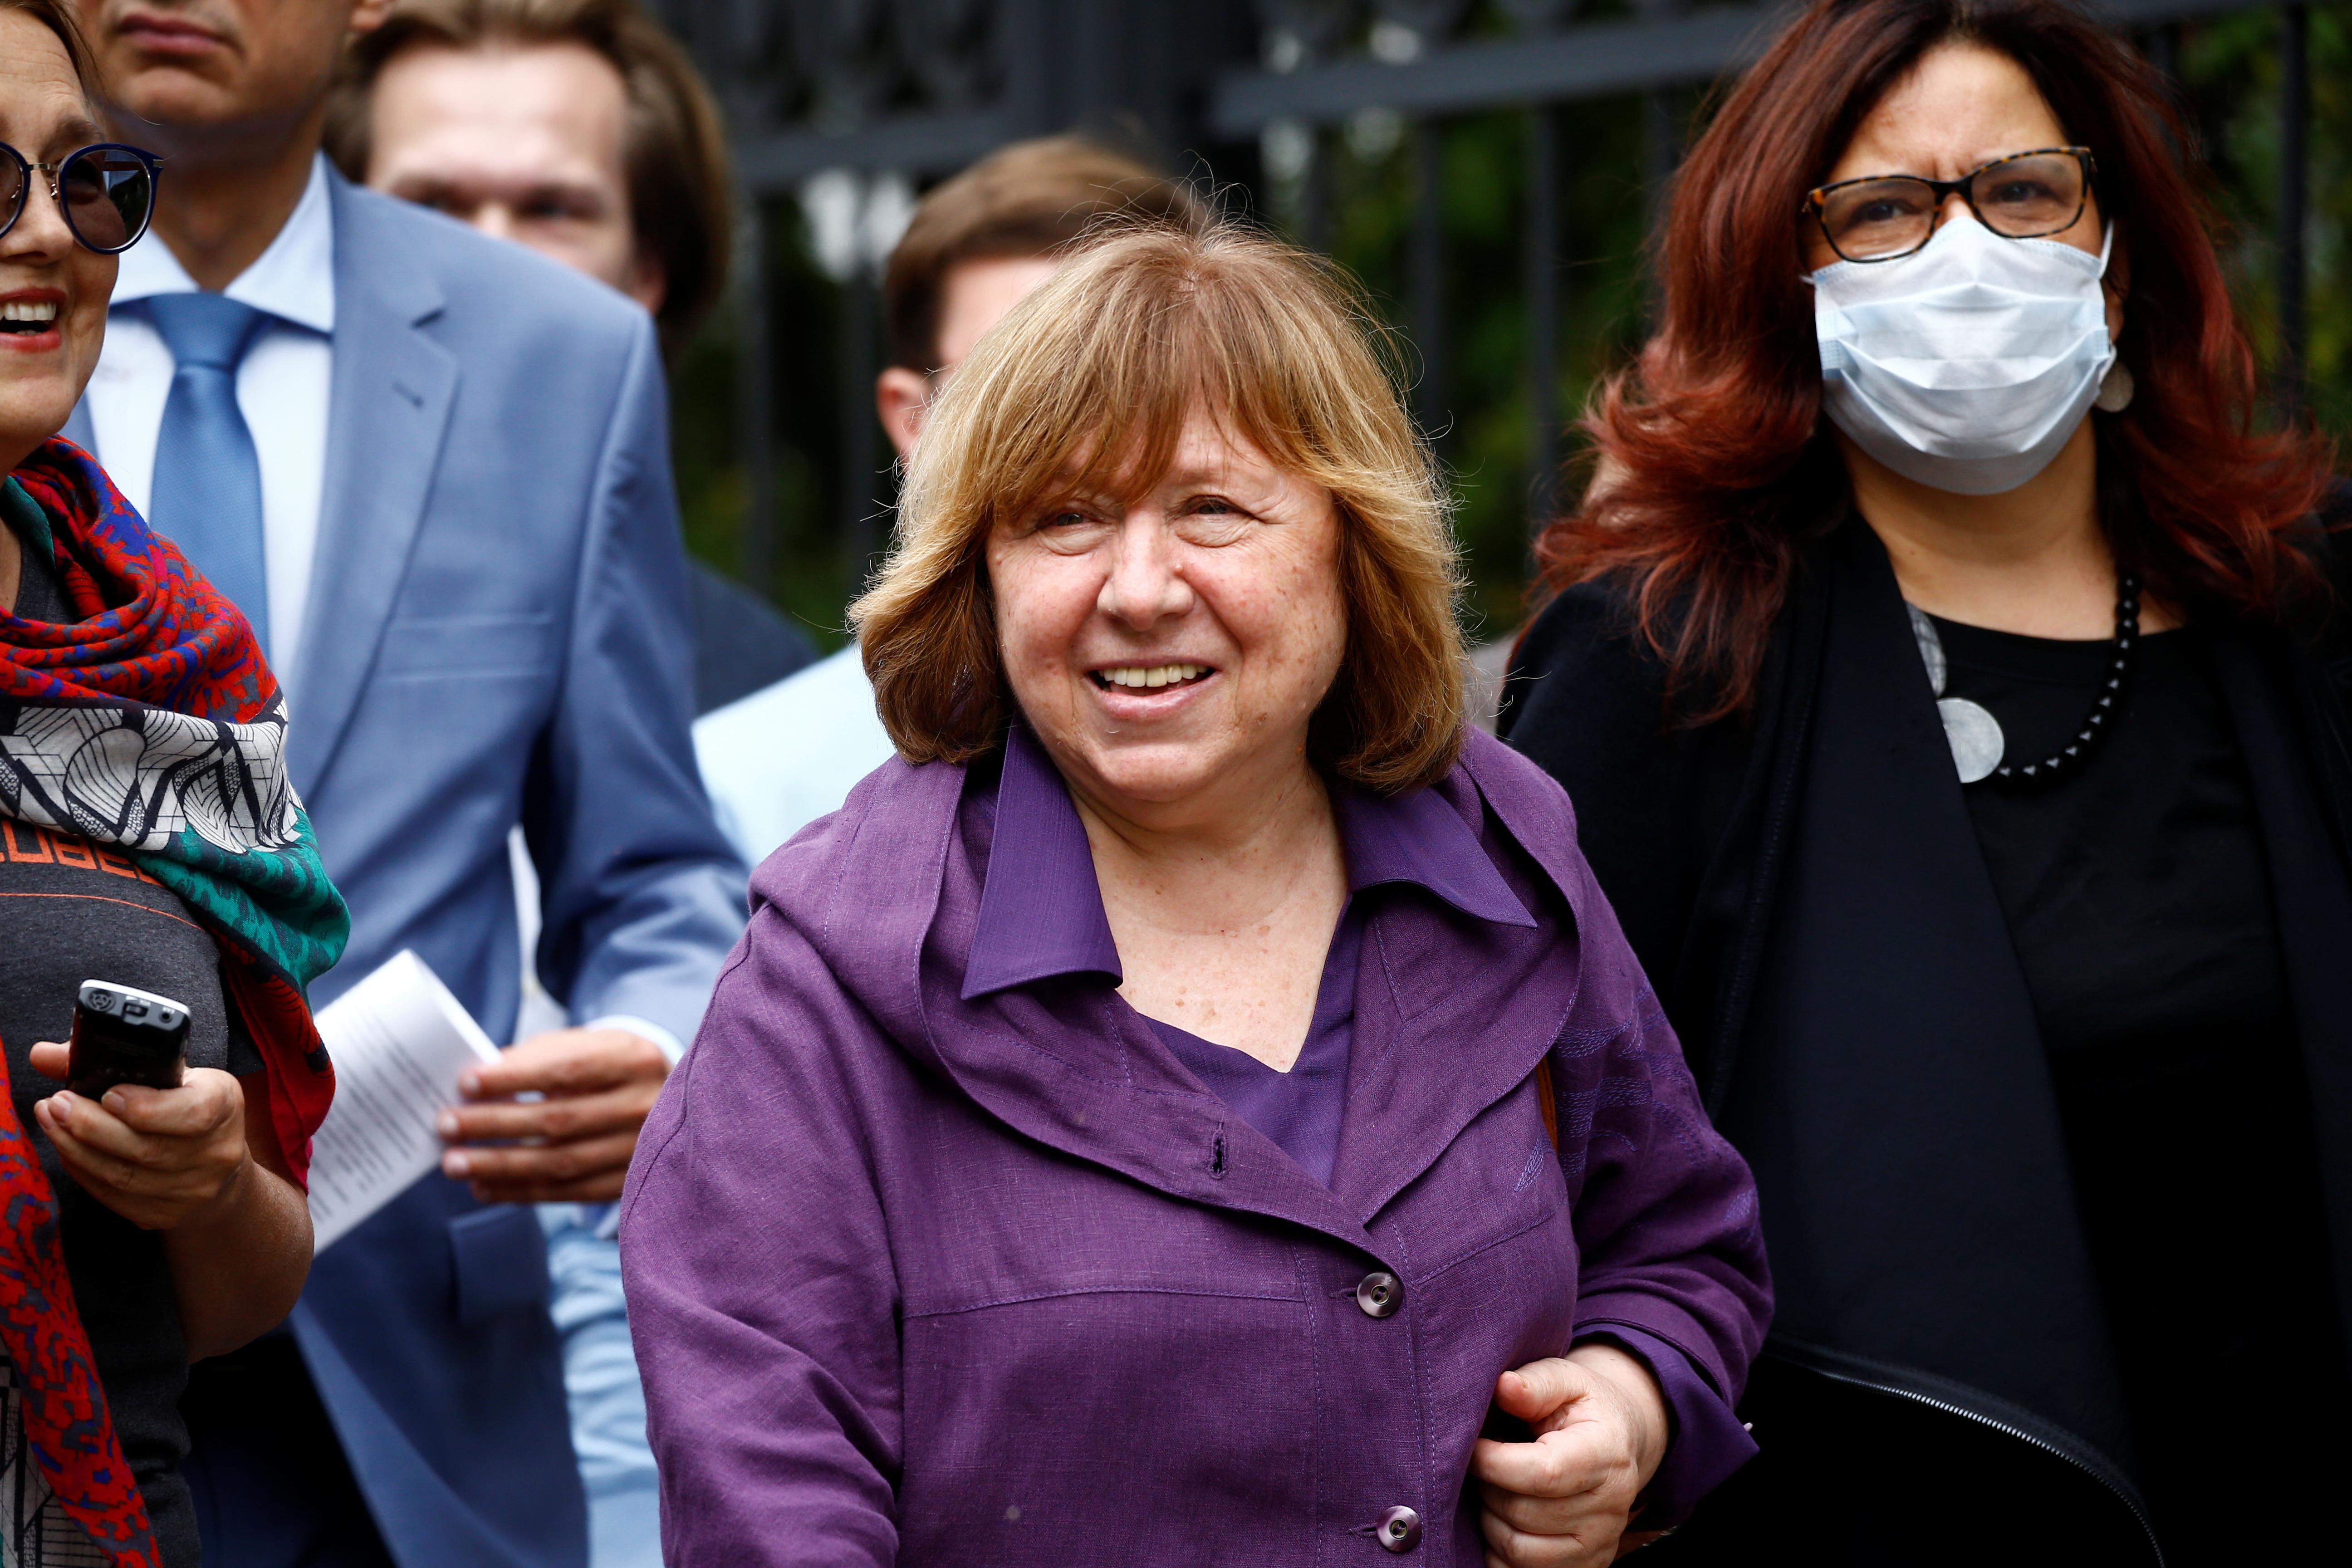 Последний свободный член совета белорусской оппозиции покинул страну